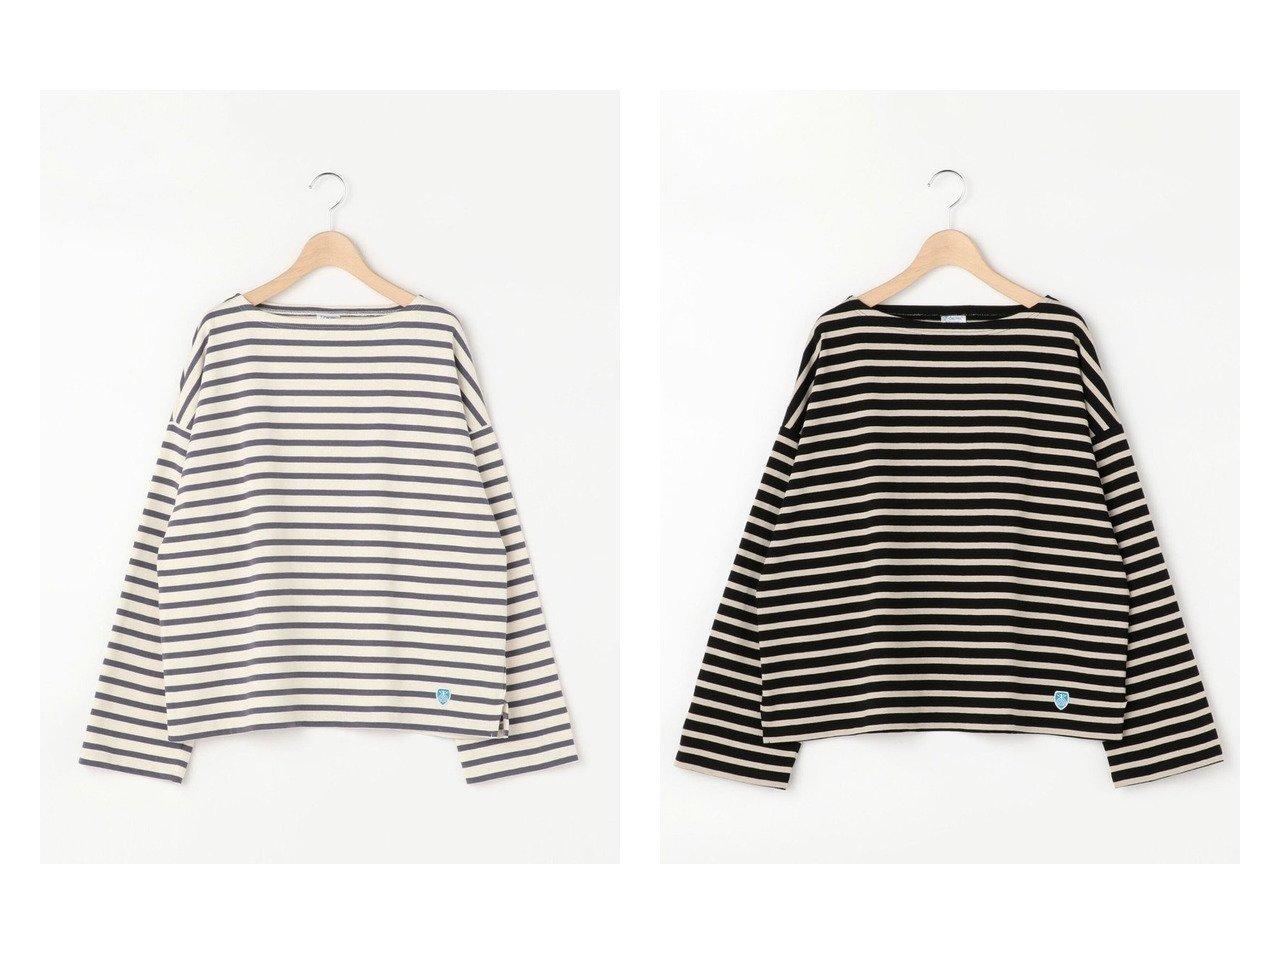 【Bshop/ビショップ】の【ORCIVAL】コットンロード ワイドフレンチバスクシャツ WOMEN おすすめ!人気、トレンド・レディースファッションの通販 おすすめで人気の流行・トレンド、ファッションの通販商品 インテリア・家具・メンズファッション・キッズファッション・レディースファッション・服の通販 founy(ファニー) https://founy.com/ ファッション Fashion レディースファッション WOMEN トップス・カットソー Tops/Tshirt シャツ/ブラウス Shirts/Blouses ロング / Tシャツ T-Shirts カットソー Cut and Sewn カットソー バスク  ID:crp329100000072412